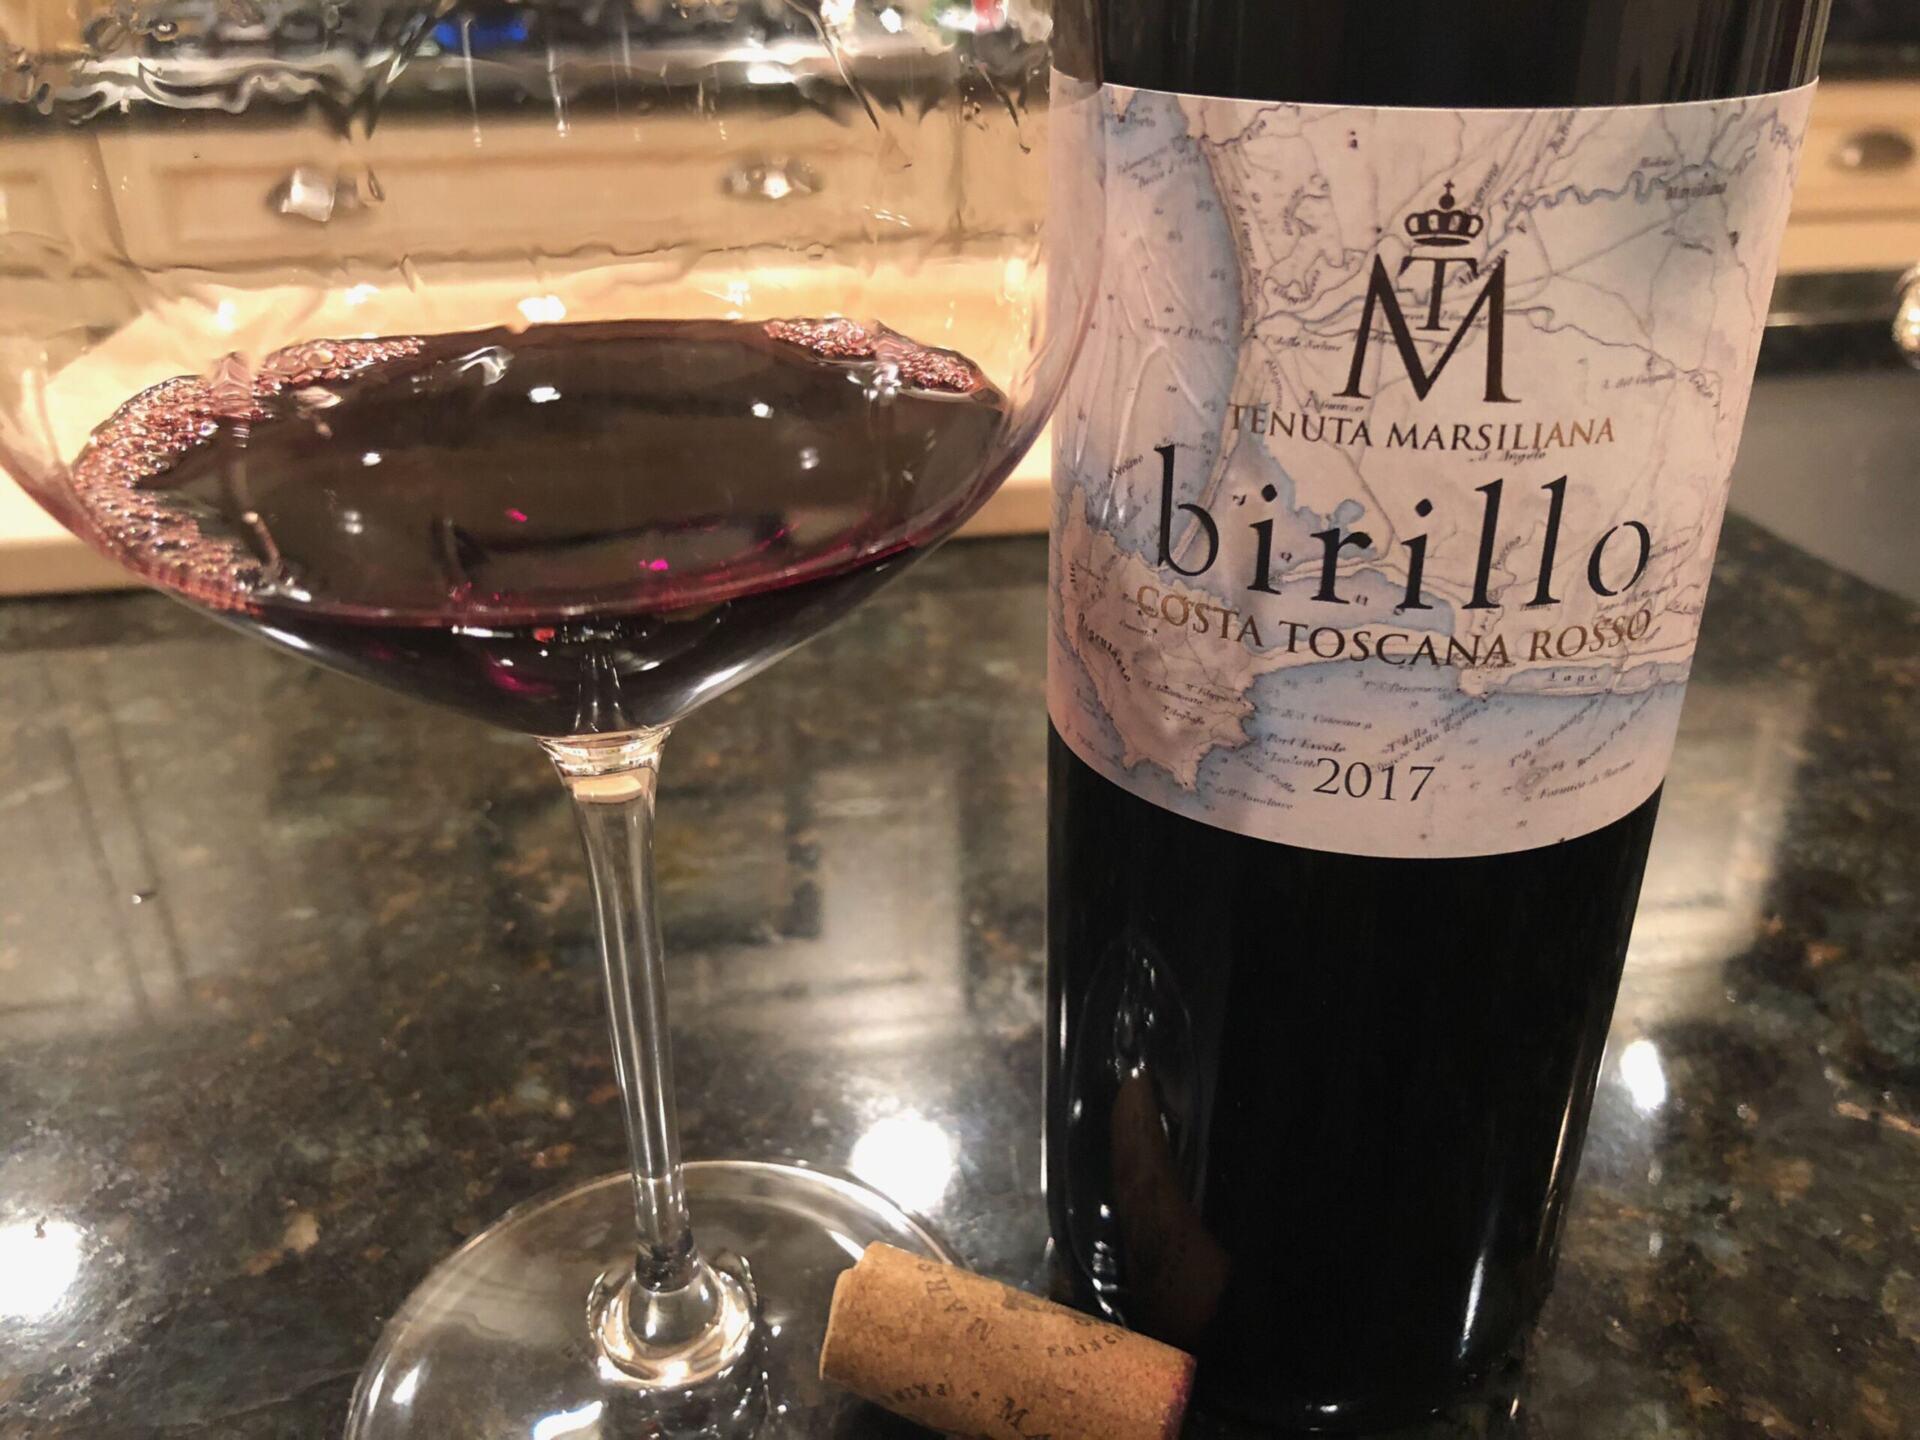 Wine Review Birillo